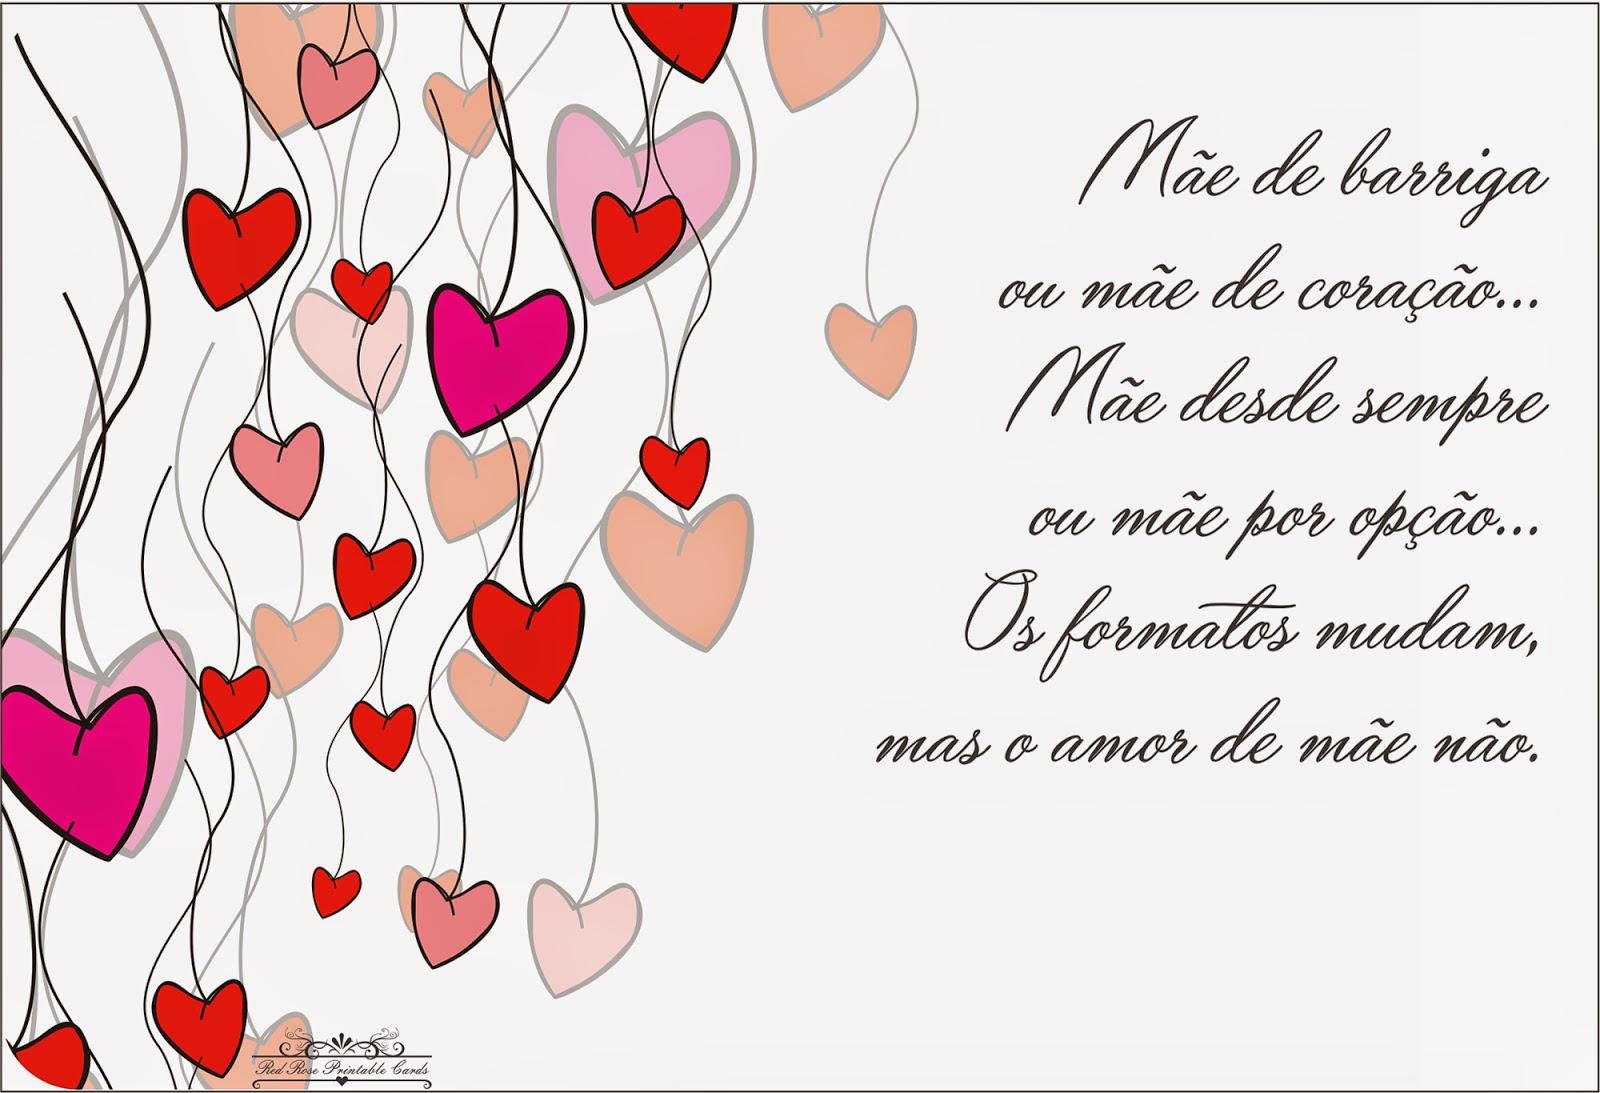 Imagens Bíblicas Para O Dia Das Mães: RED ROSE PRINTABLE CARDS: CARTÃO DIA DAS MÃES